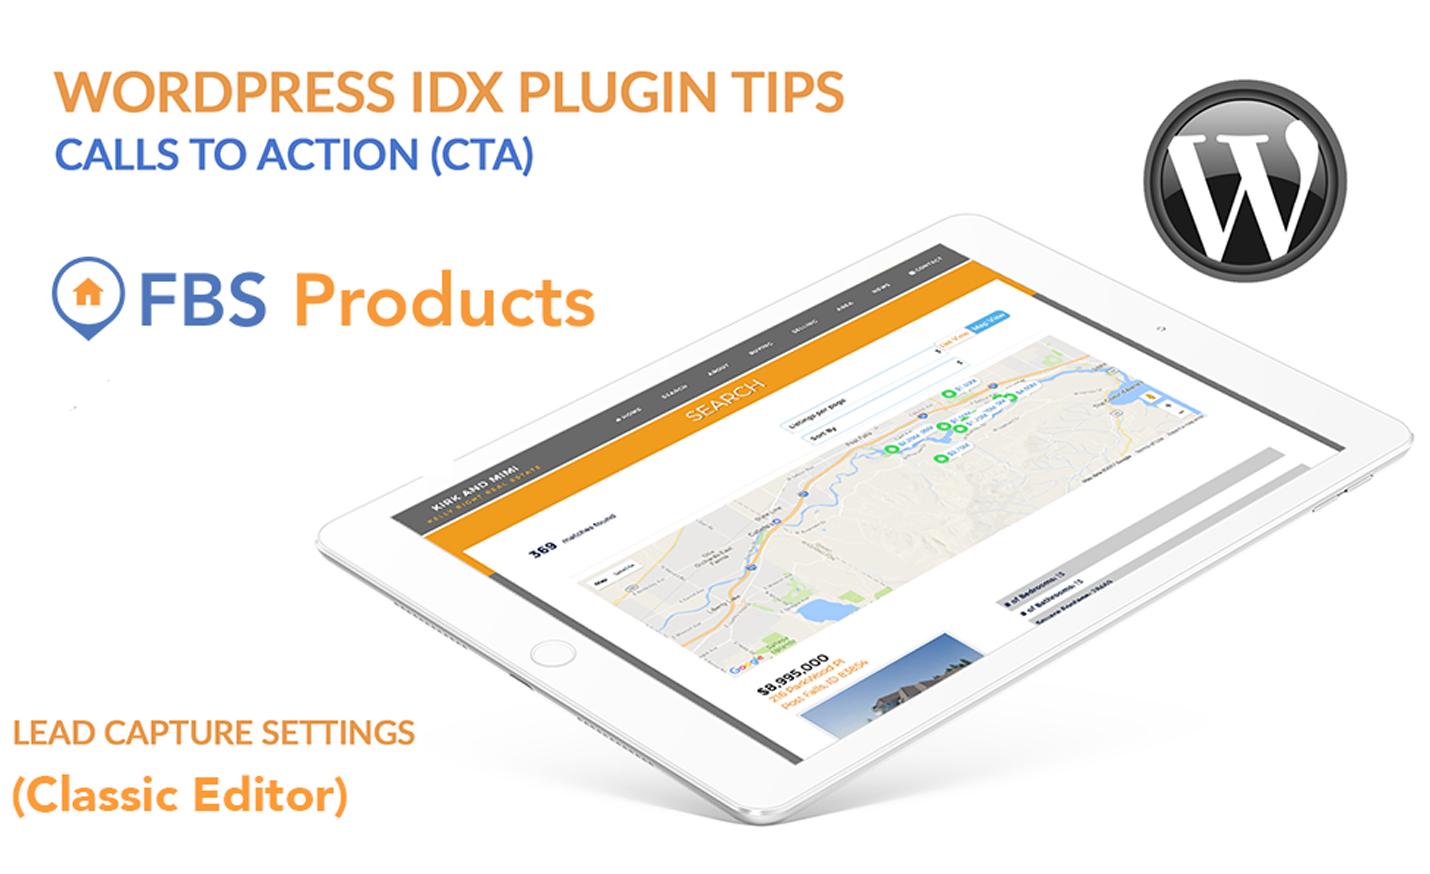 Wordpress IDX widget tip